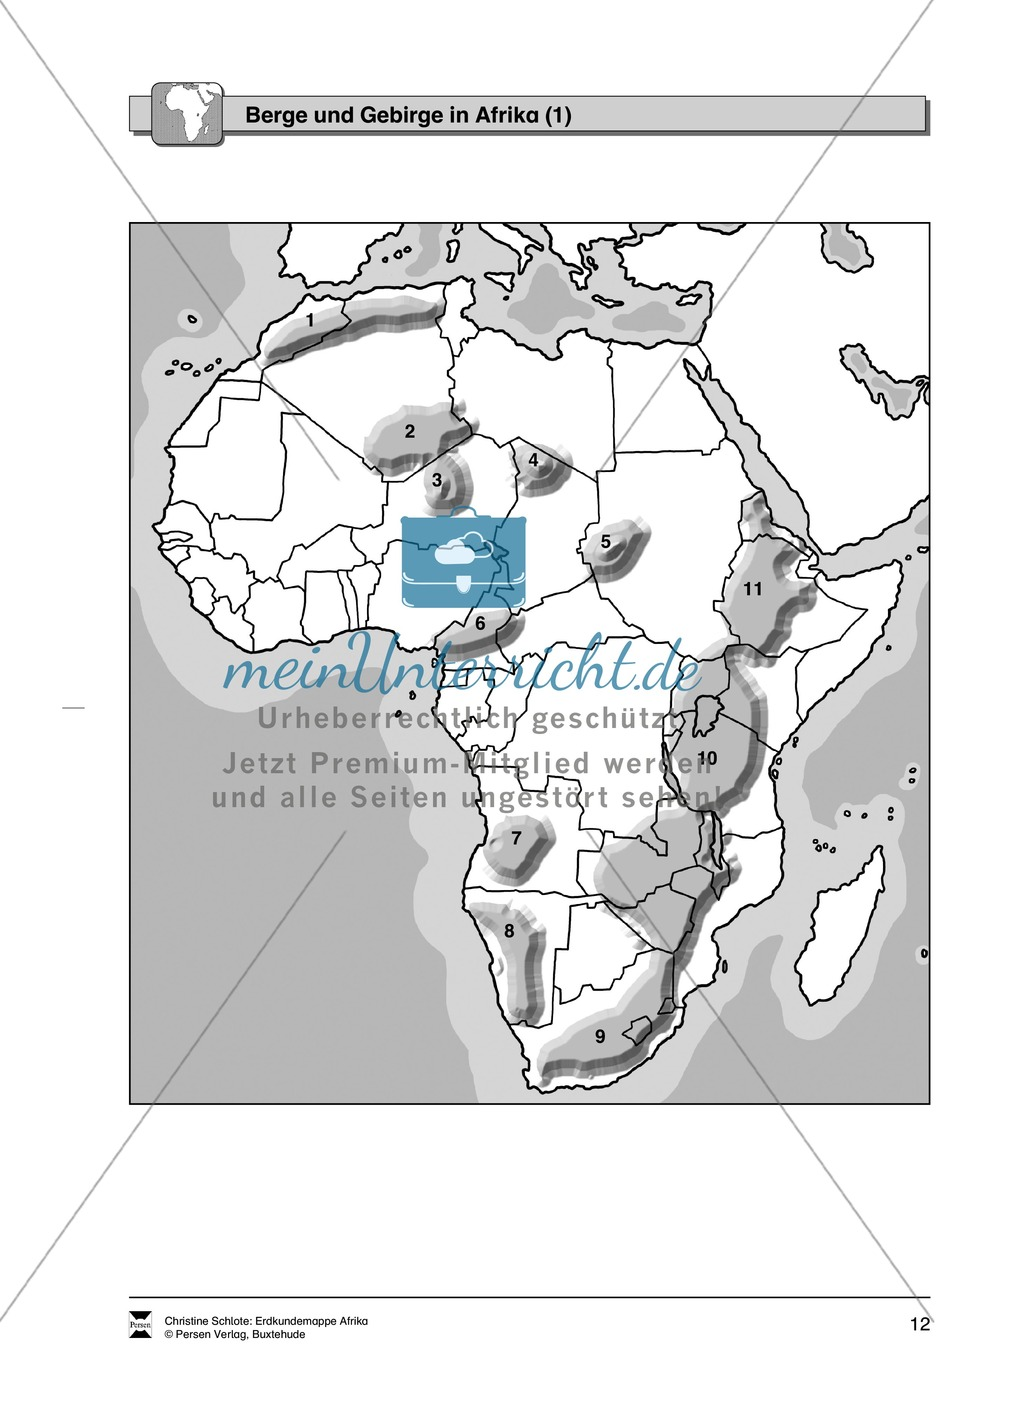 Die Topographie Afrikas spielerisch kennen lernen:Längen- und Breitenkreise + Flüsse und Seen + Berge und GEbirge Preview 2